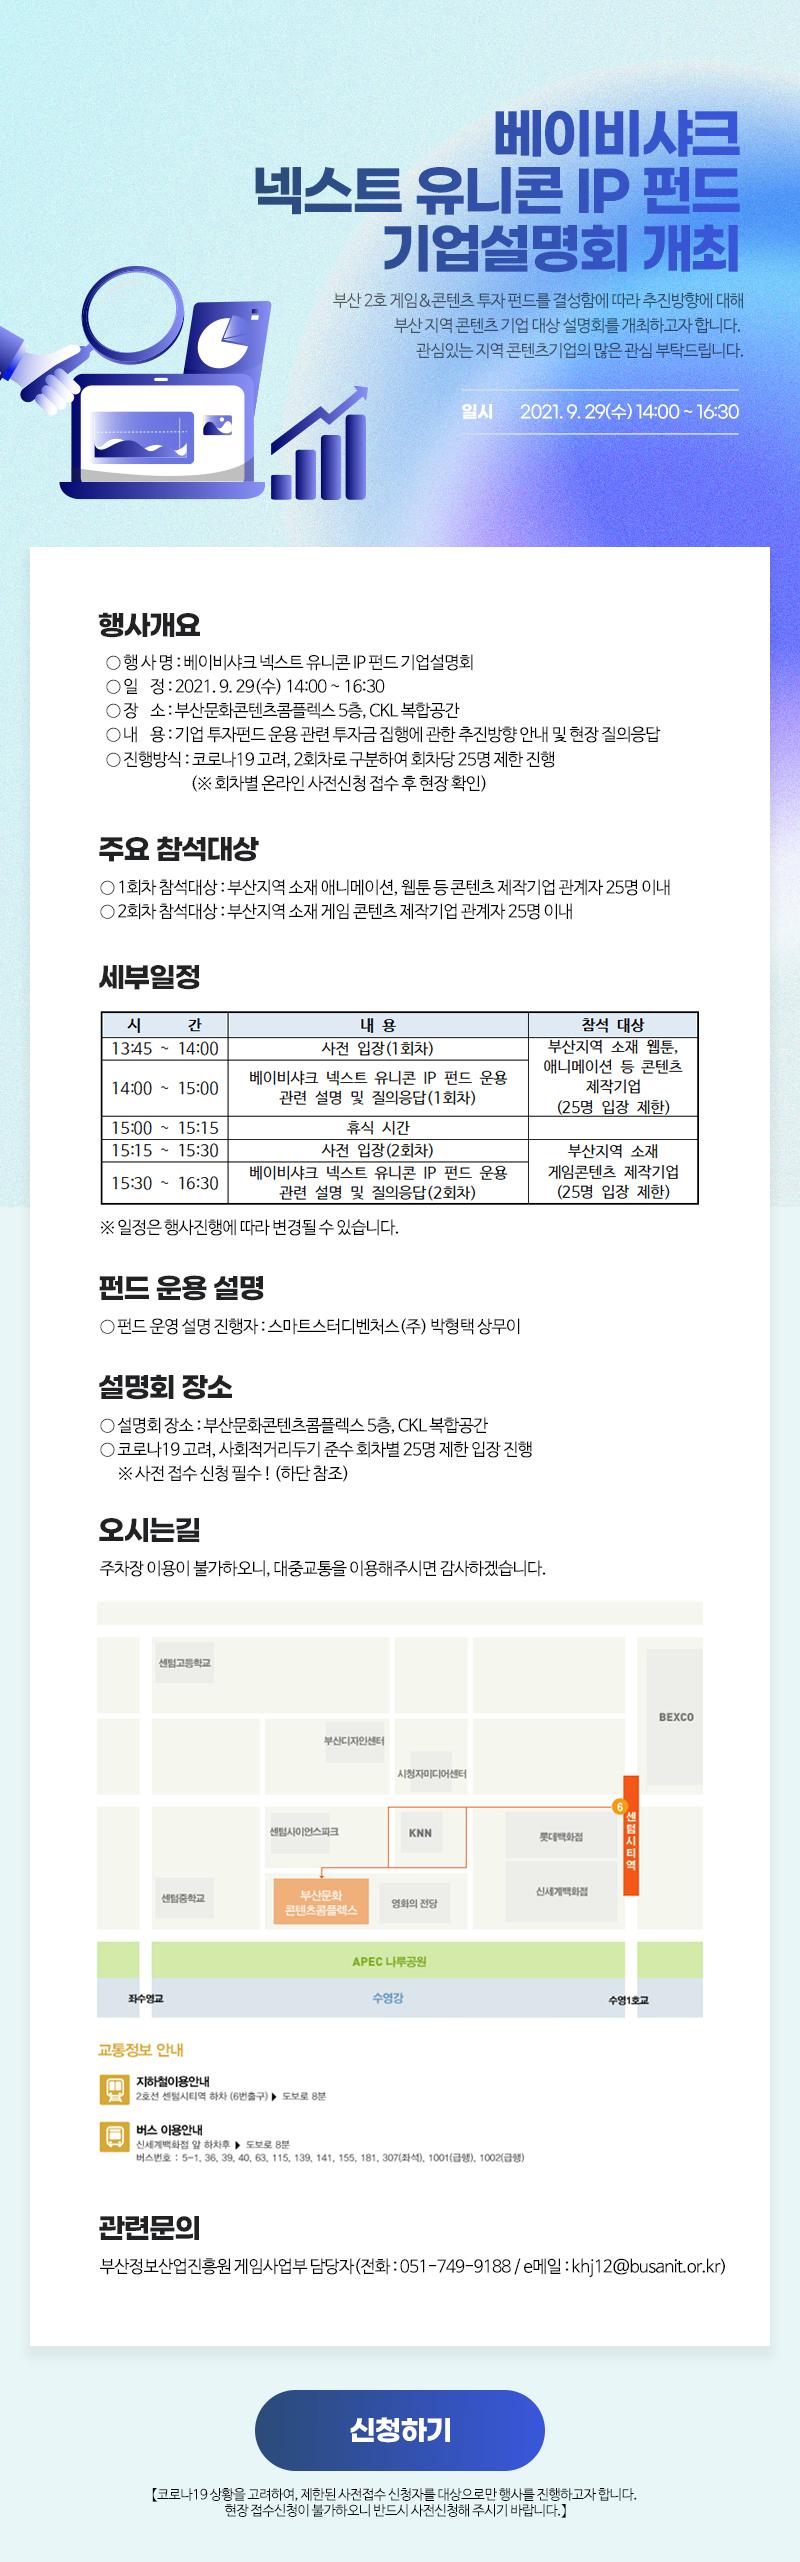 베이비샤크 넥스트 유니콘 IP 펀드 기업설명회 개최